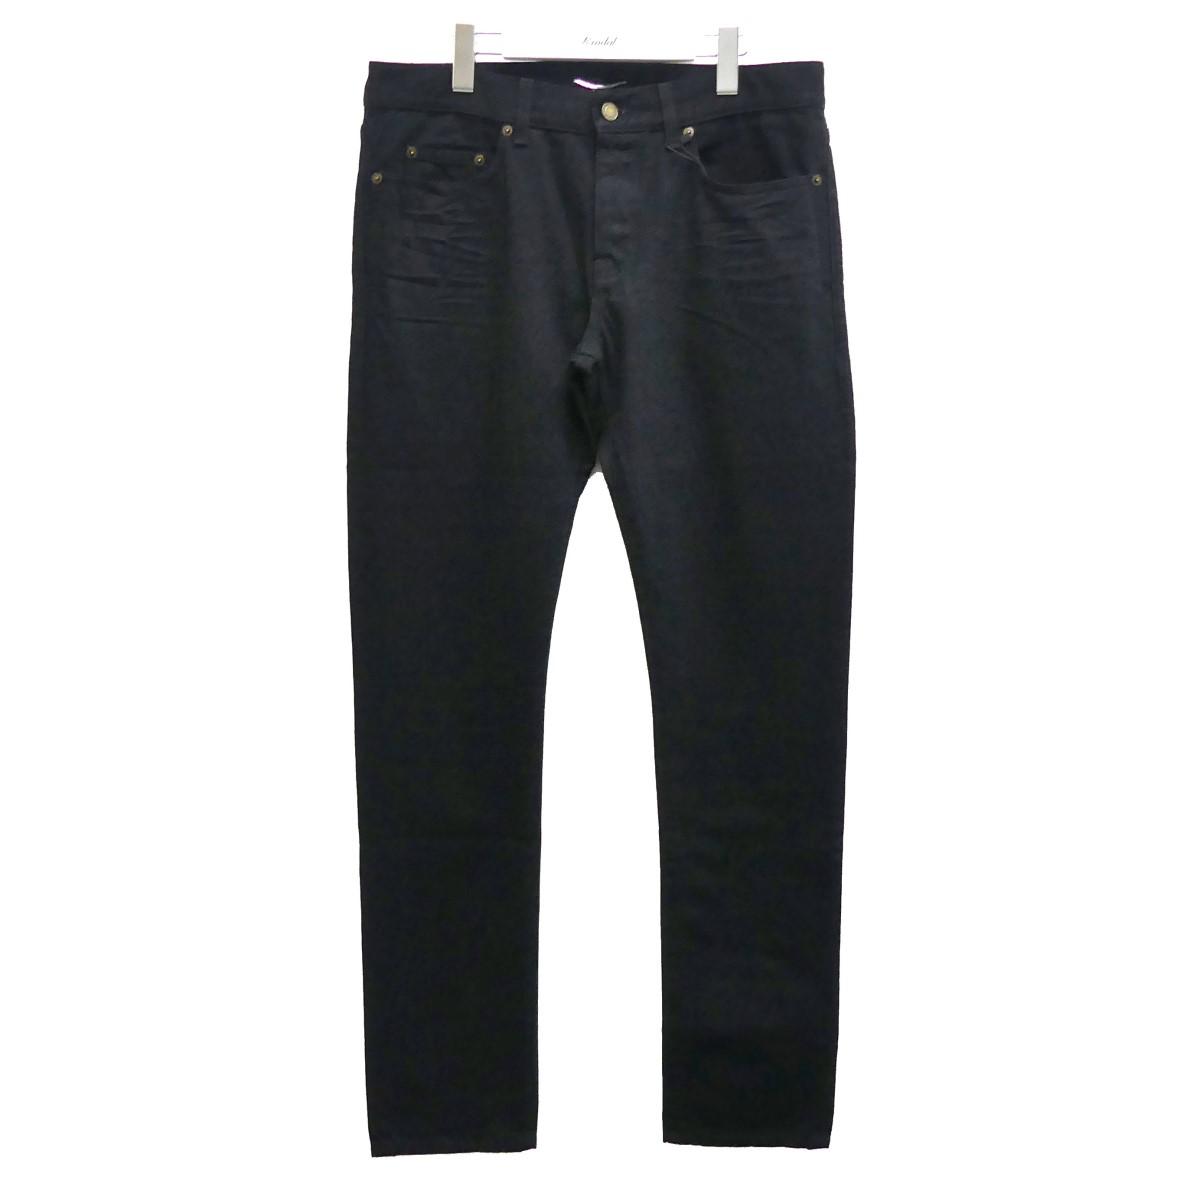 【中古】SAINT LAURENT PARIS D18 M/SL-LW ブラックデニムパンツ ブラック サイズ:32 【100820】(サンローランパリ)